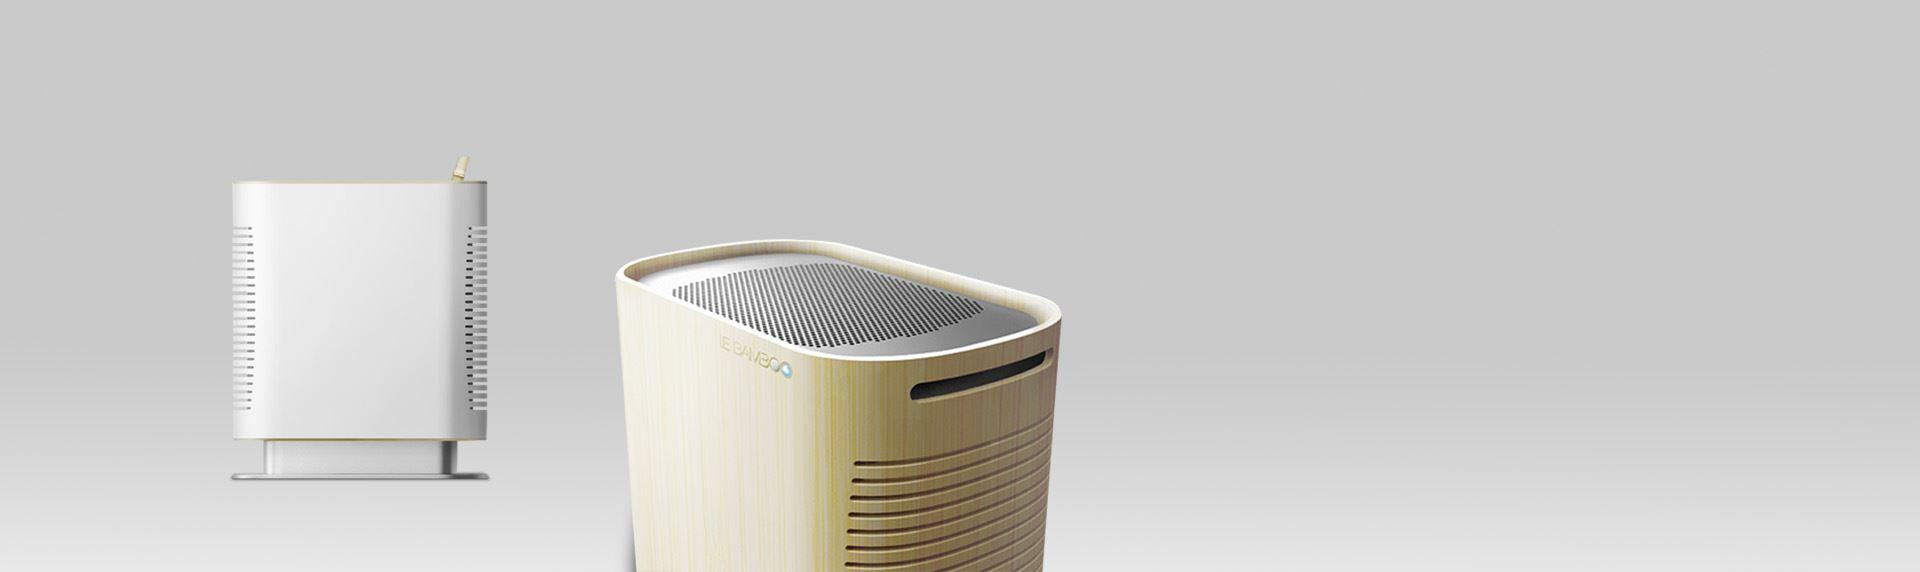 TMT娱乐-Lebamboo空气净化系统